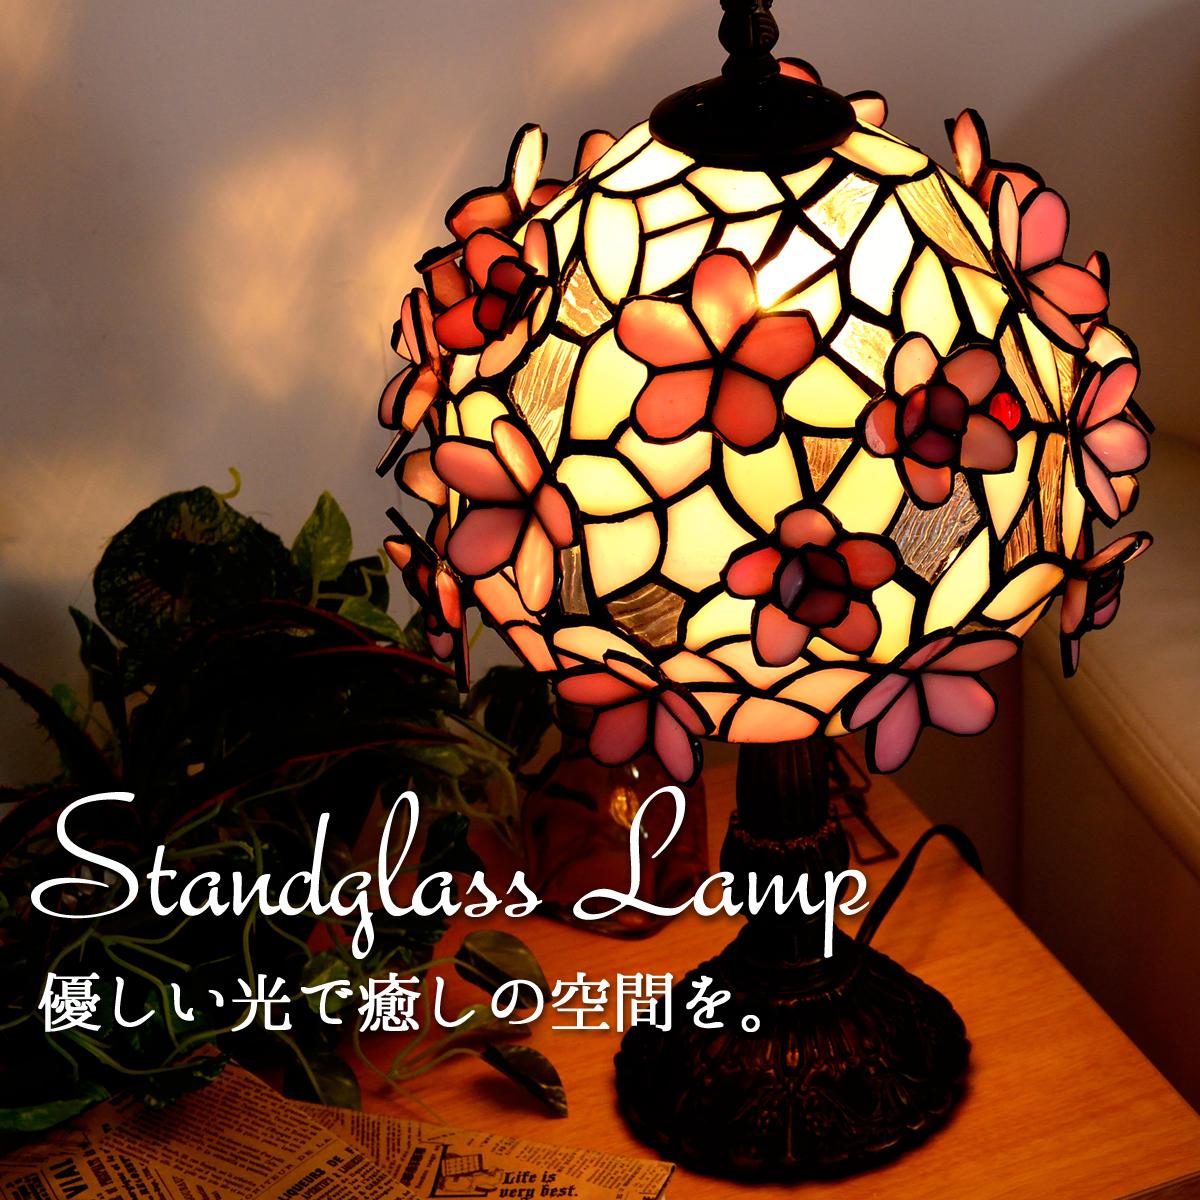 光の芸術!あたたかい光で優しく癒します 癒しのステンドランプ sakura ST-4407A B15  お祝い事やイベント・プレゼントにも最適 ステンドライト ステンドグラスランプta【tk】